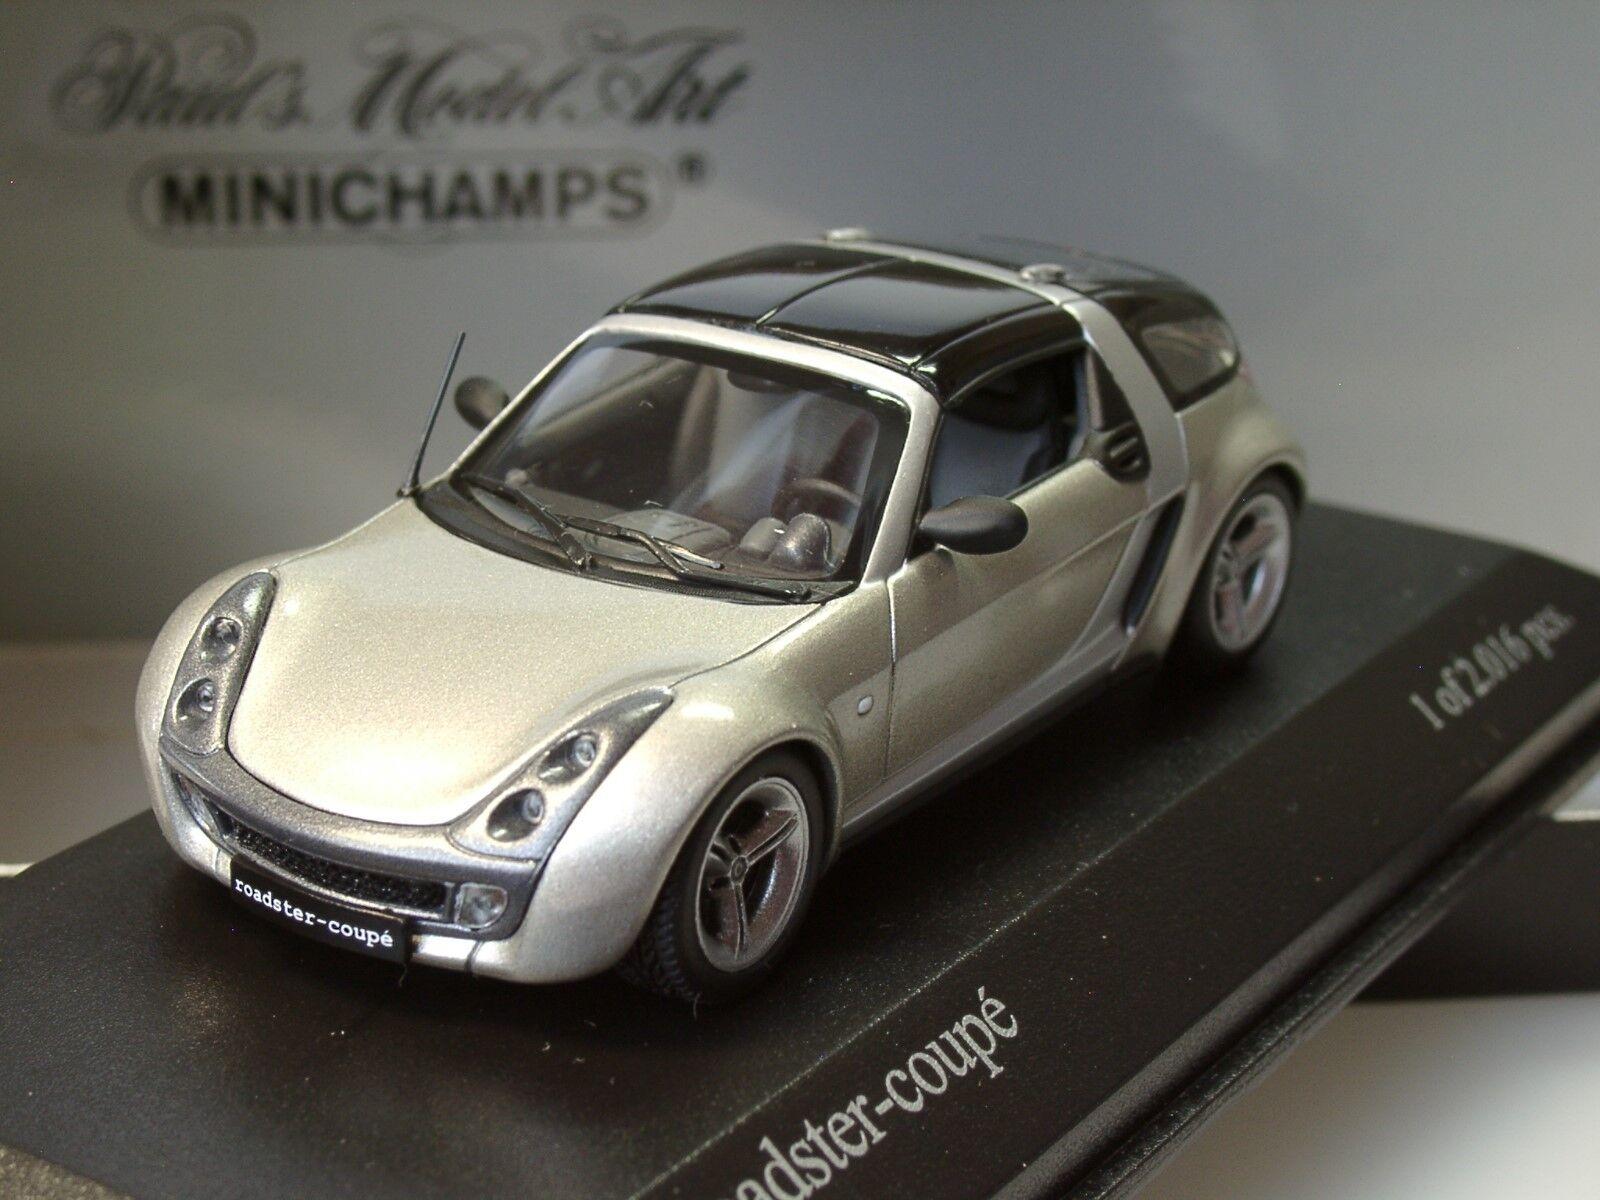 MINICHAMPS SMART ROADSTER Coupé, Champagne Remix - 400 032121 - 1 43